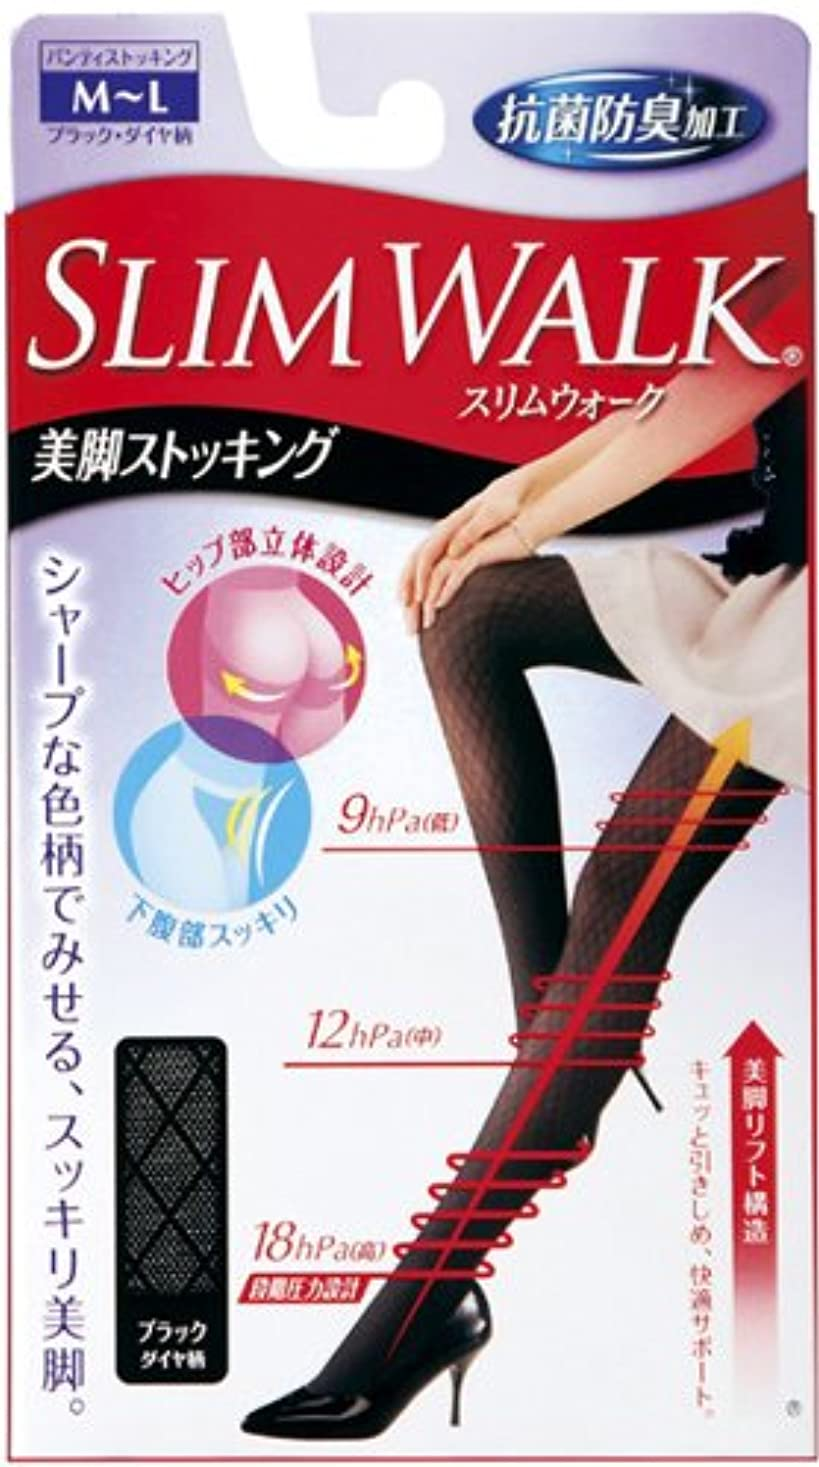 マトロン時々要求するスリムウォーク 美脚ストッキング M-Lサイズ ブラックダイヤ柄(SLIM WALK,pantyhose, ML)